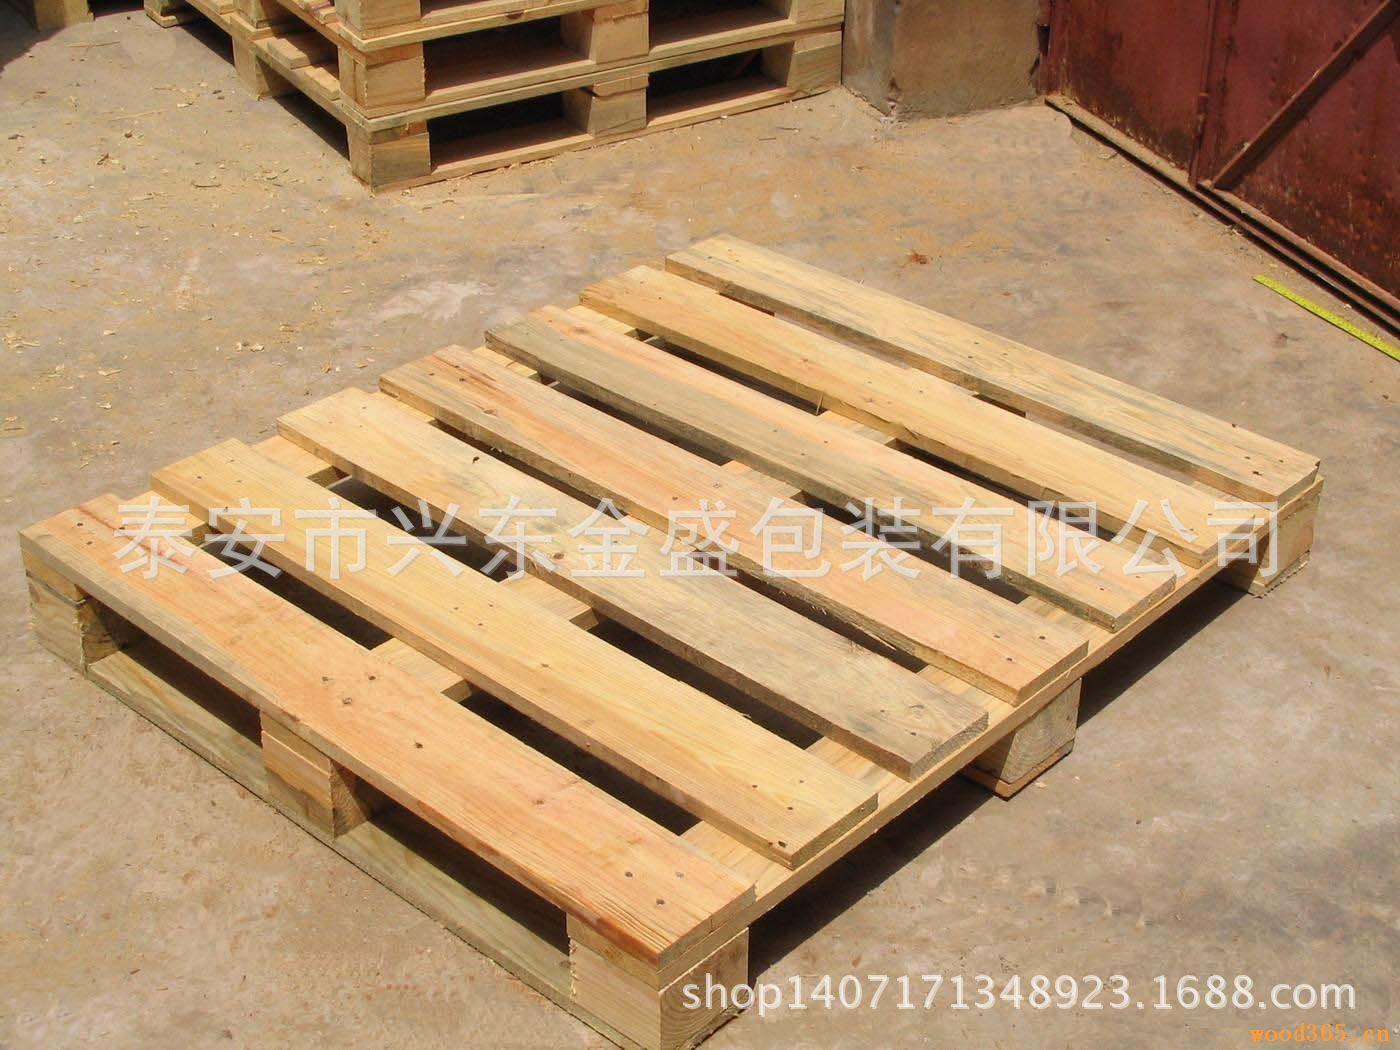 廠家供應批發質優木托盤 木制托盤 可需加工定制 價格優惠